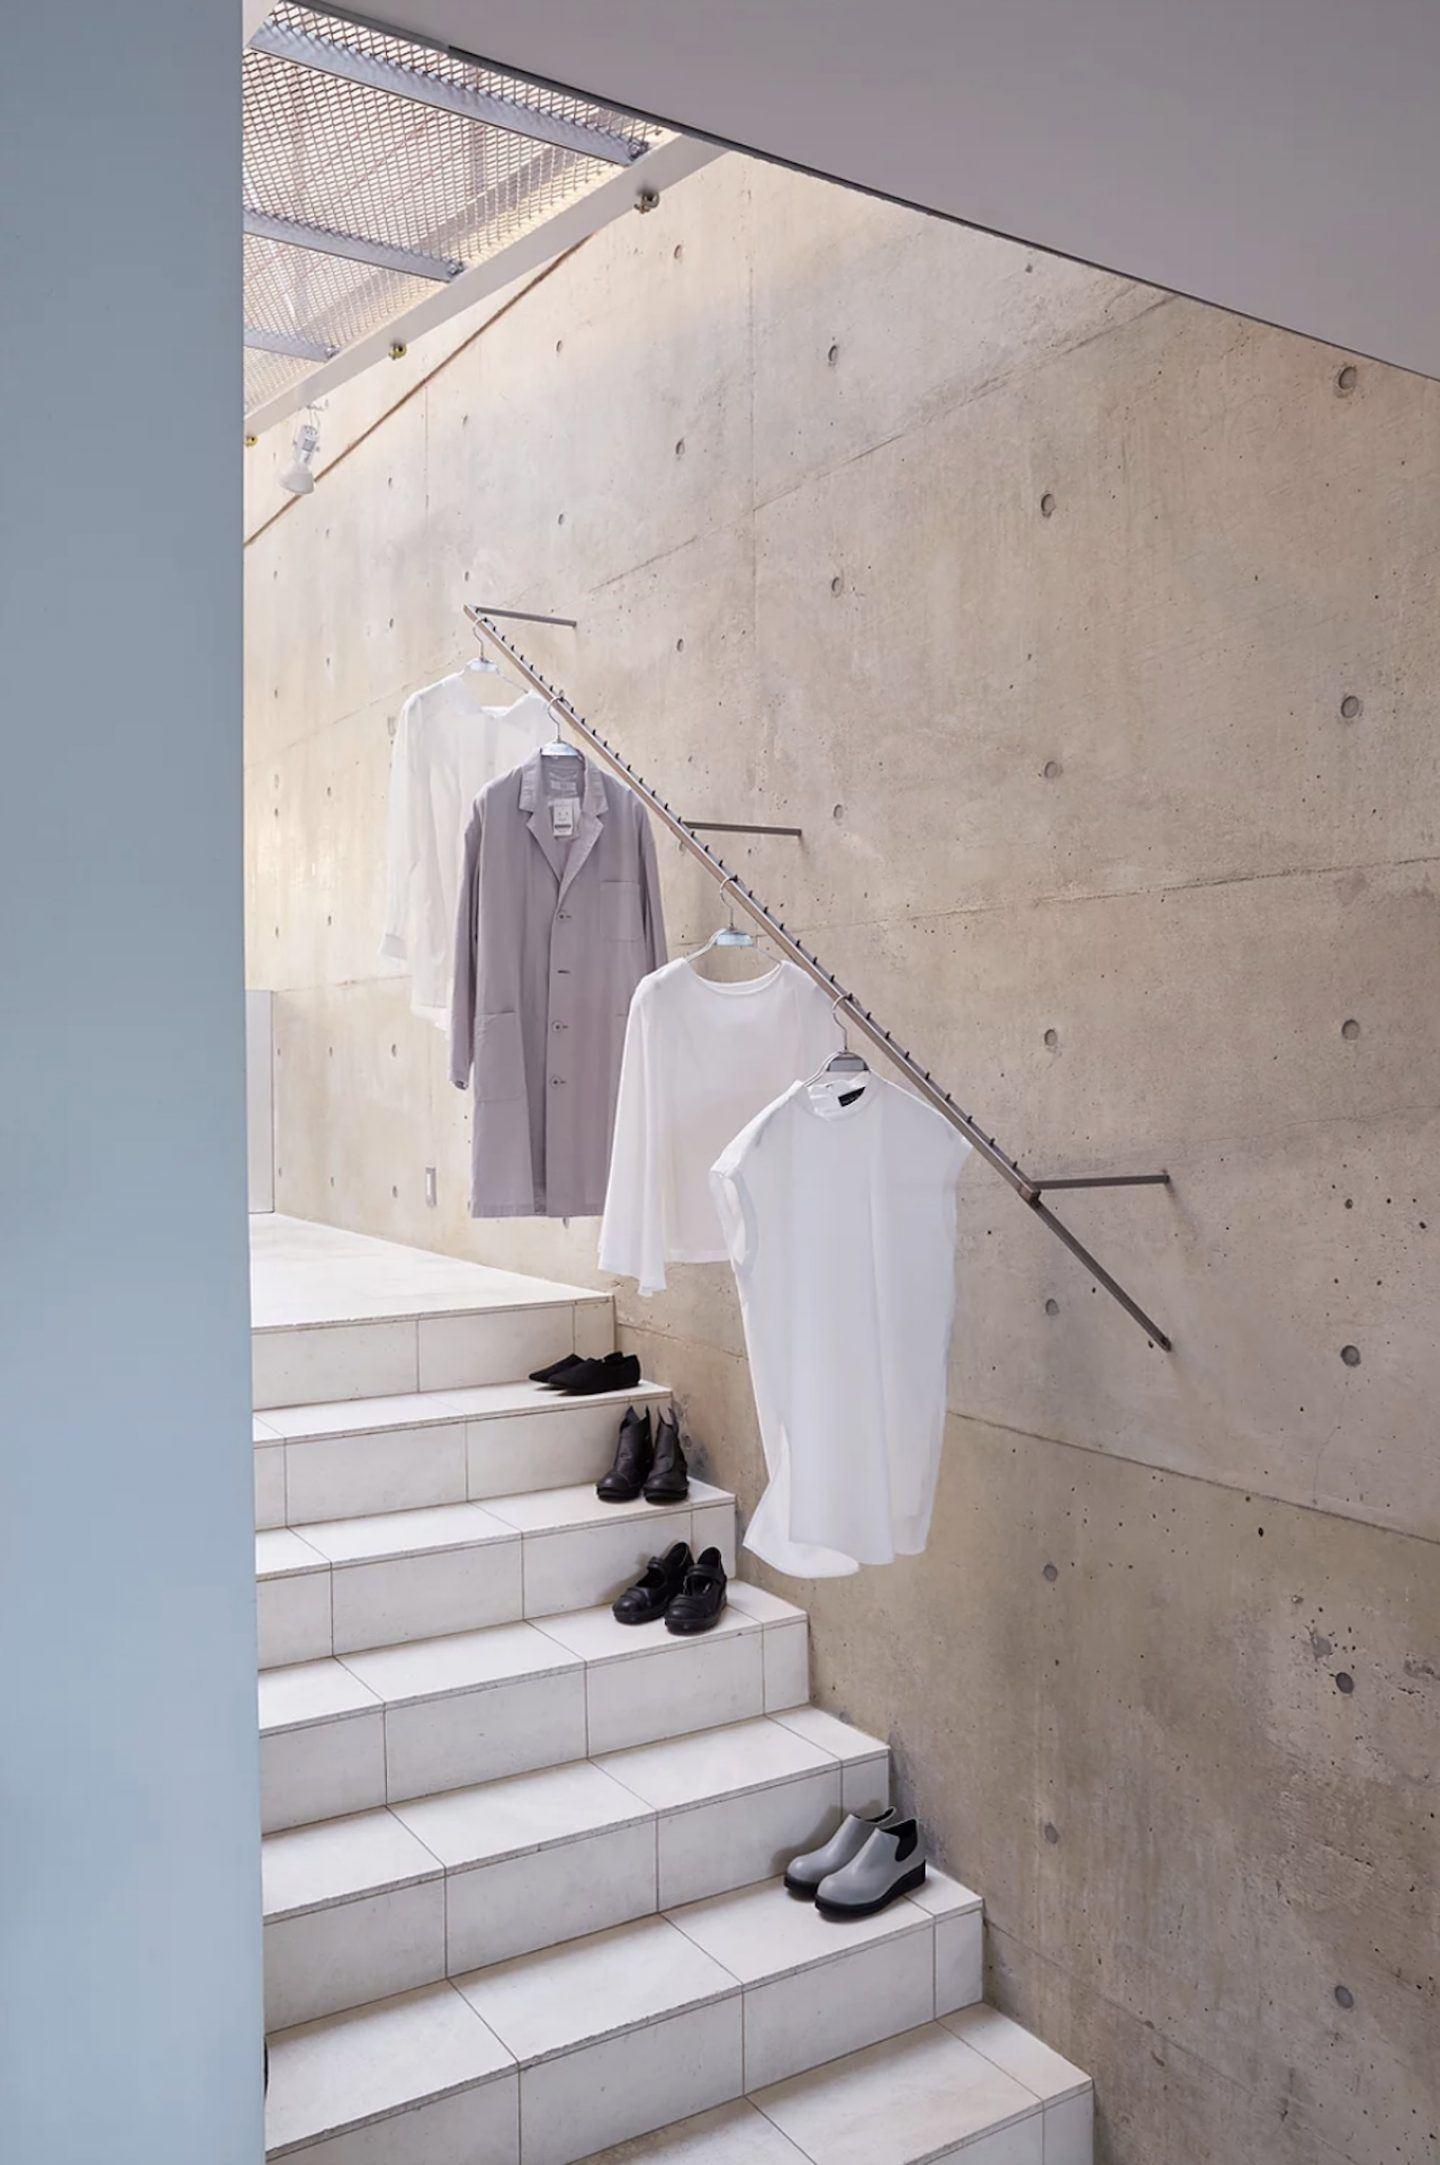 iGNANT-Architecture-Atelierco-Architects-La-Cienega-002